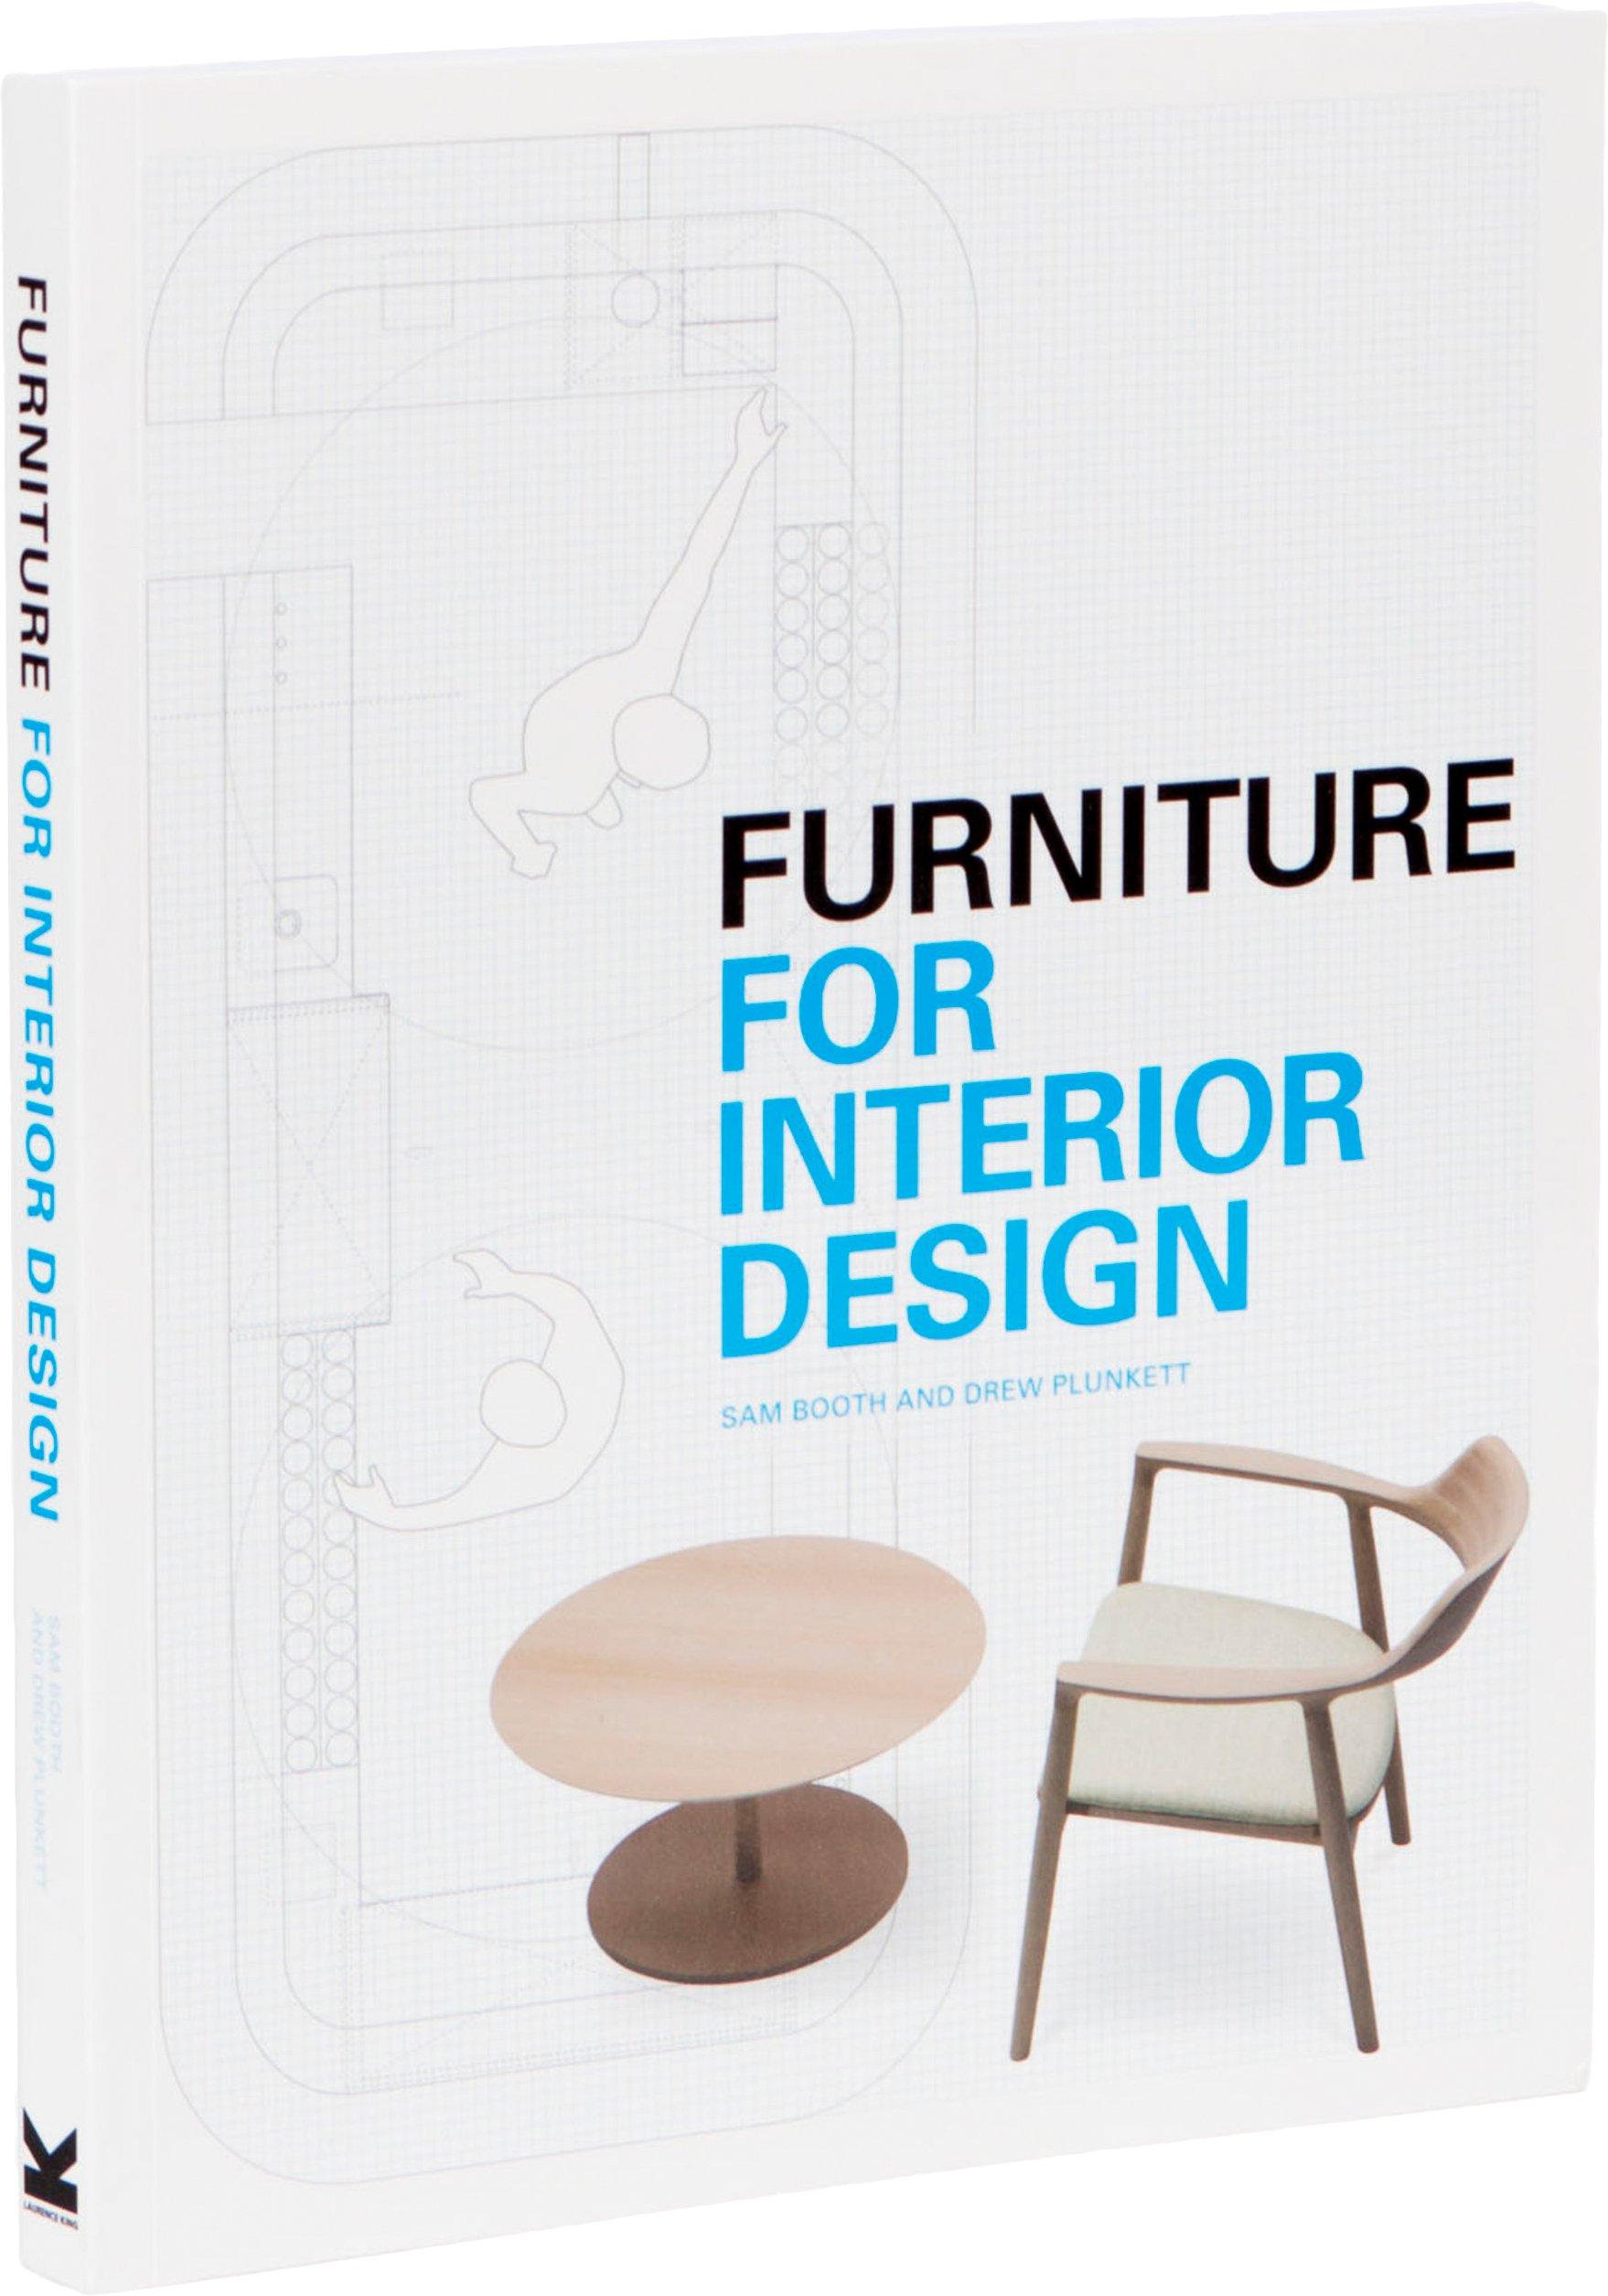 booth books drew for interior dp design amazon furniture textbooks sam plunkett com